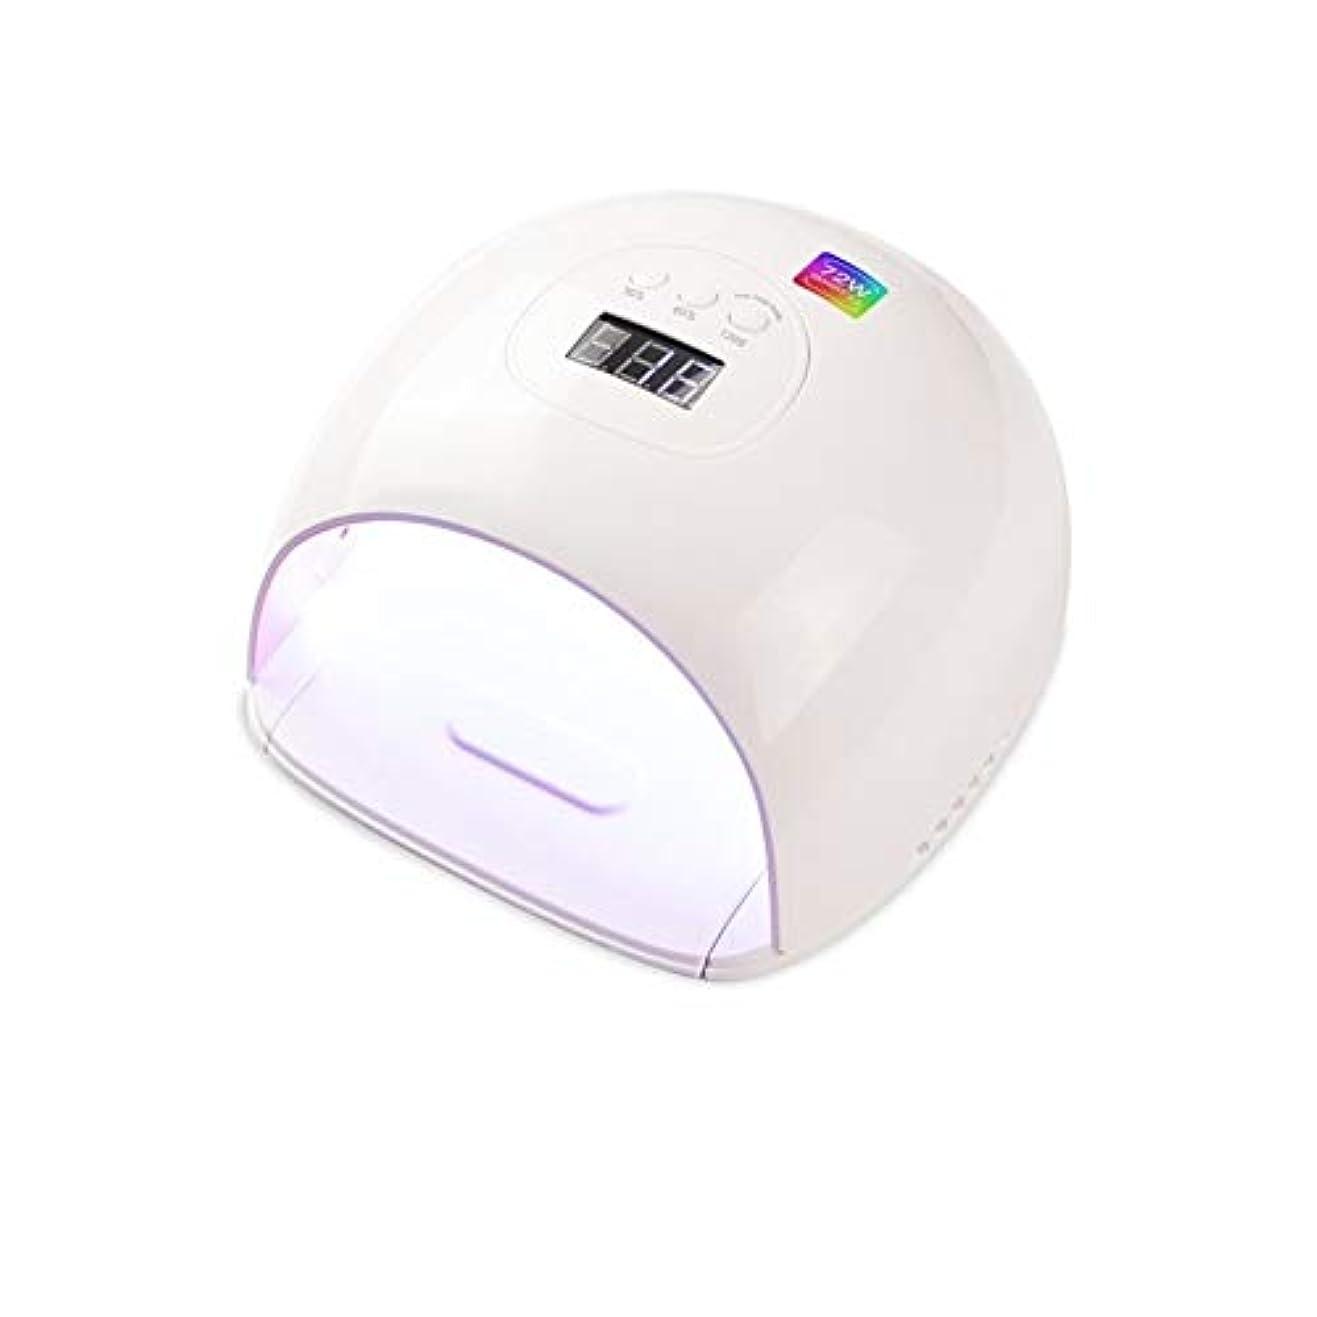 ブラインド彼ら発音LittleCat UV / LEDランプスマートセンサネイルUVランプ電力72Wプラスチックポーランドドライヤー (色 : European standard circular plug)